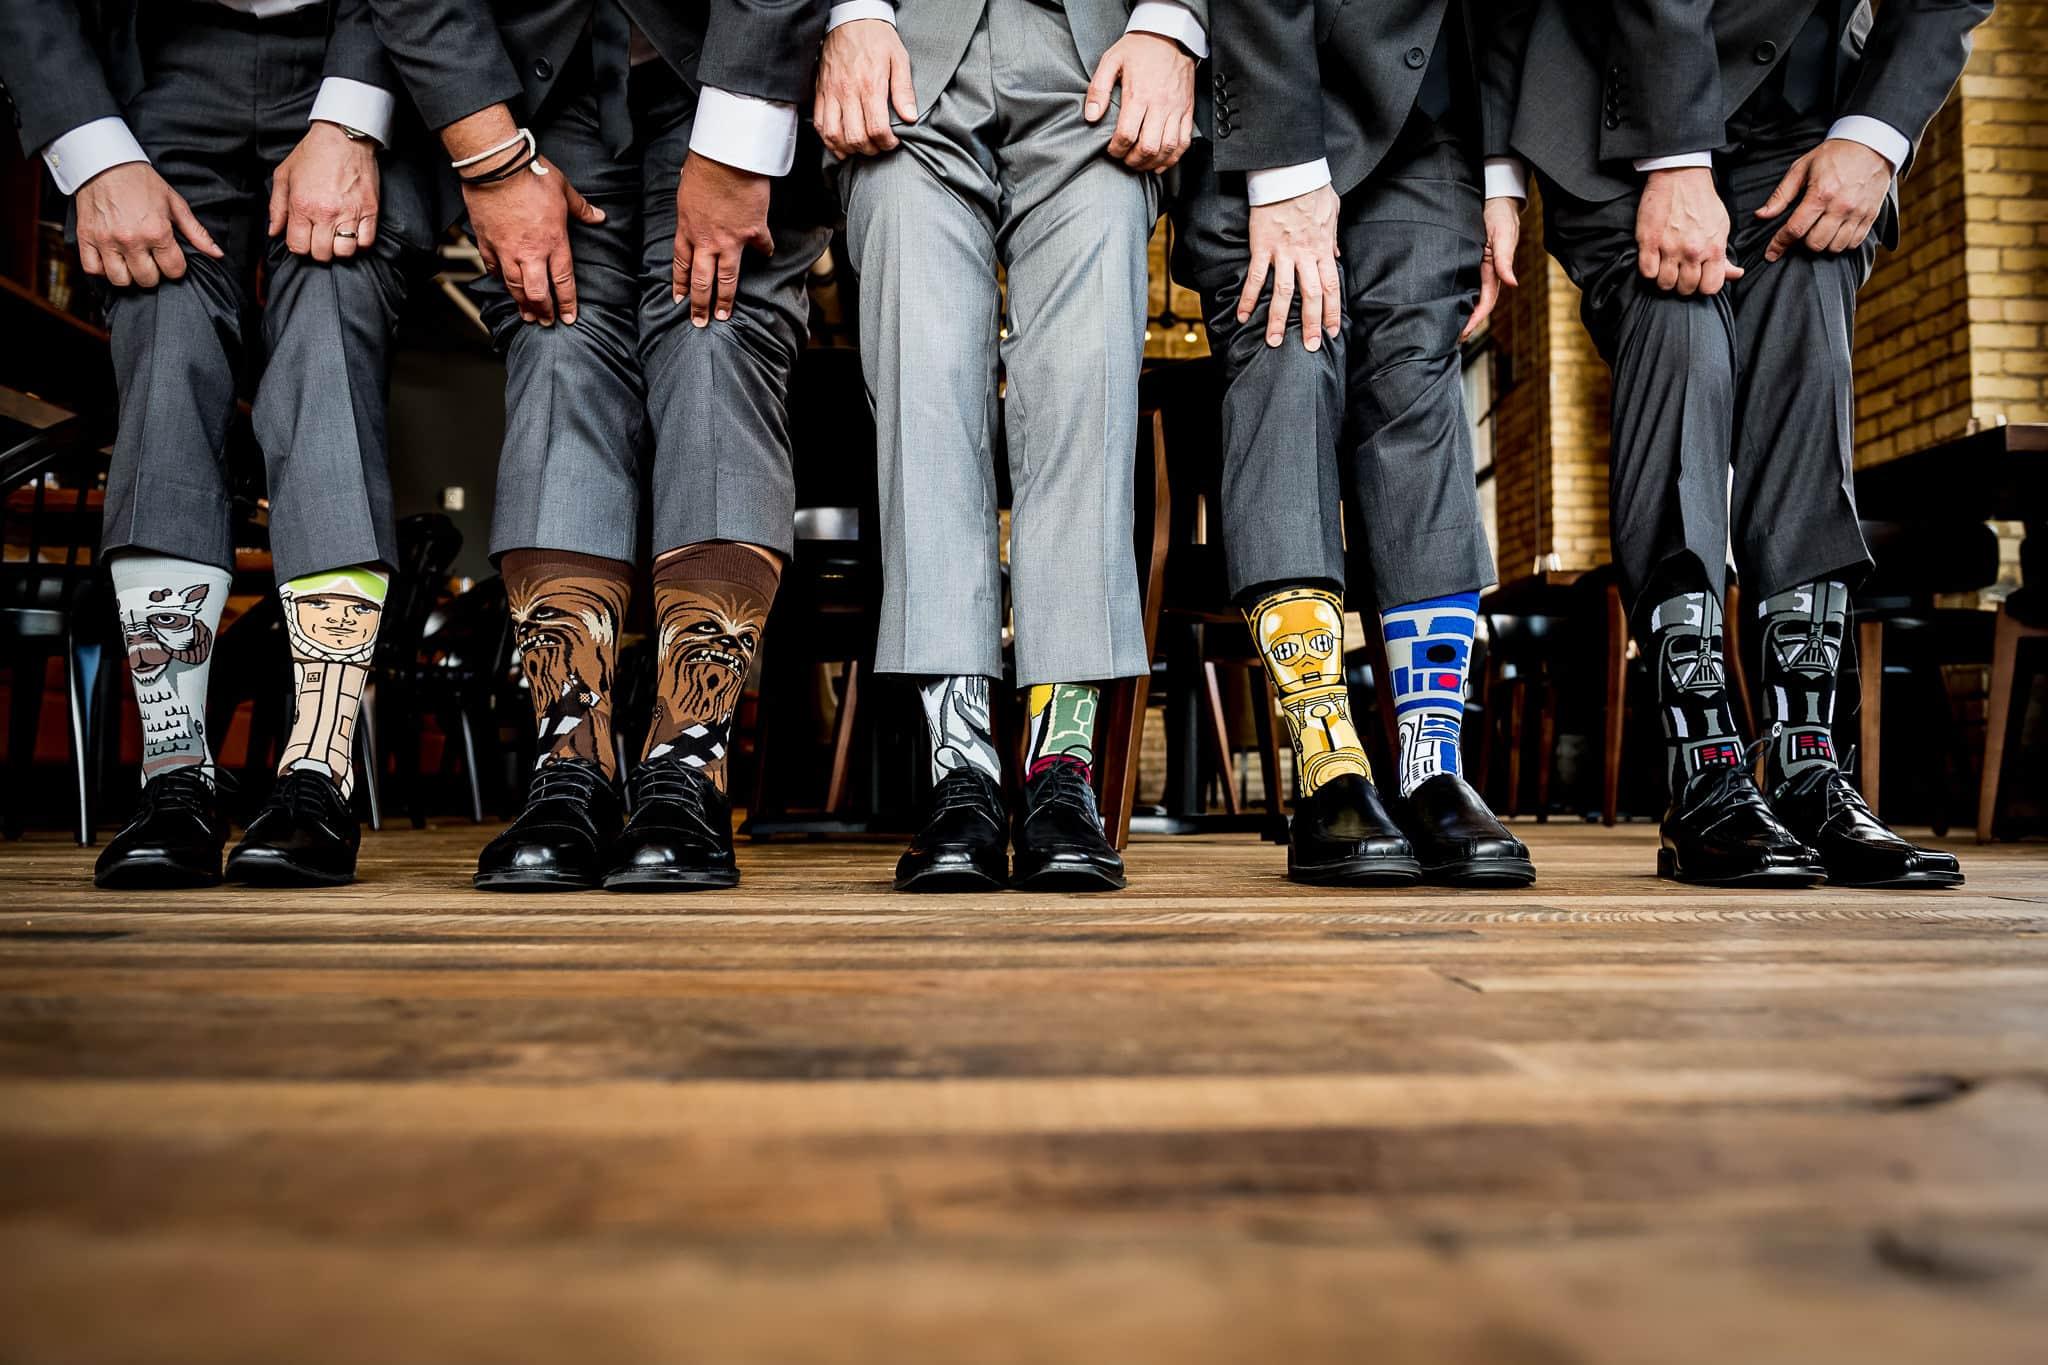 Groomsen Star Wars Socks at Hewing Hotel